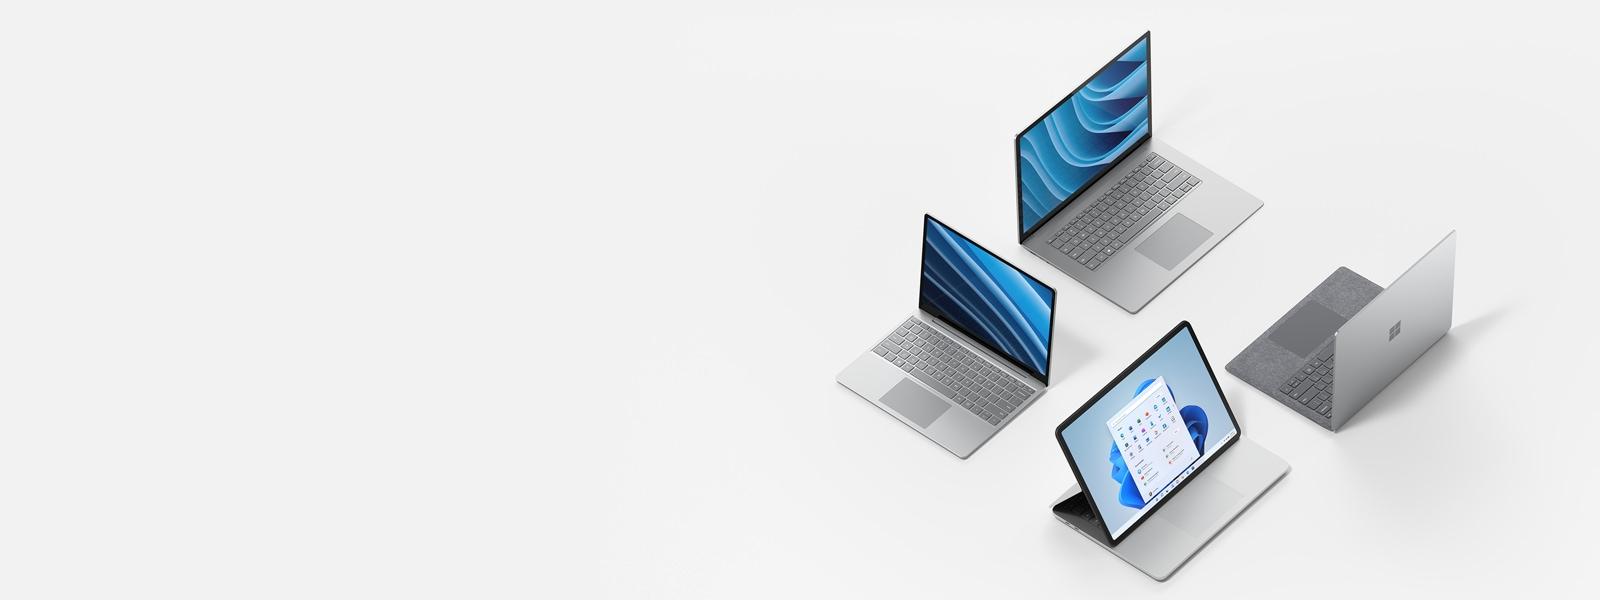 Négy Surface készülék felnyitott fedéllel, háromnak a képernyője látható.